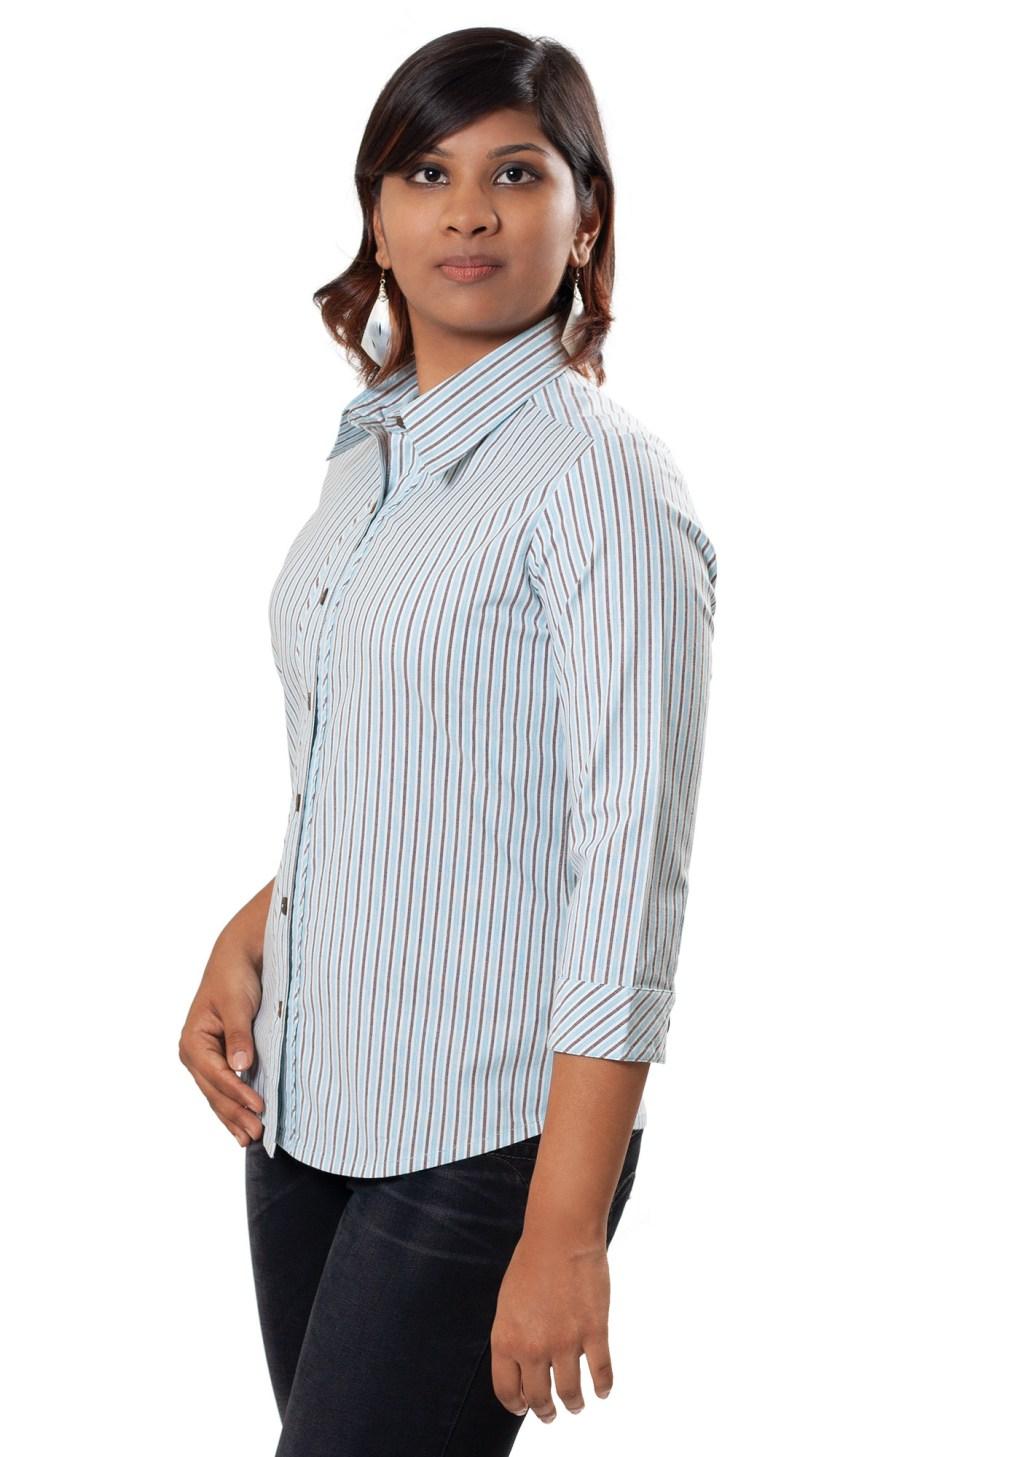 MINC Ecofashion Bias Trim Striped Blue Cotton Shirt